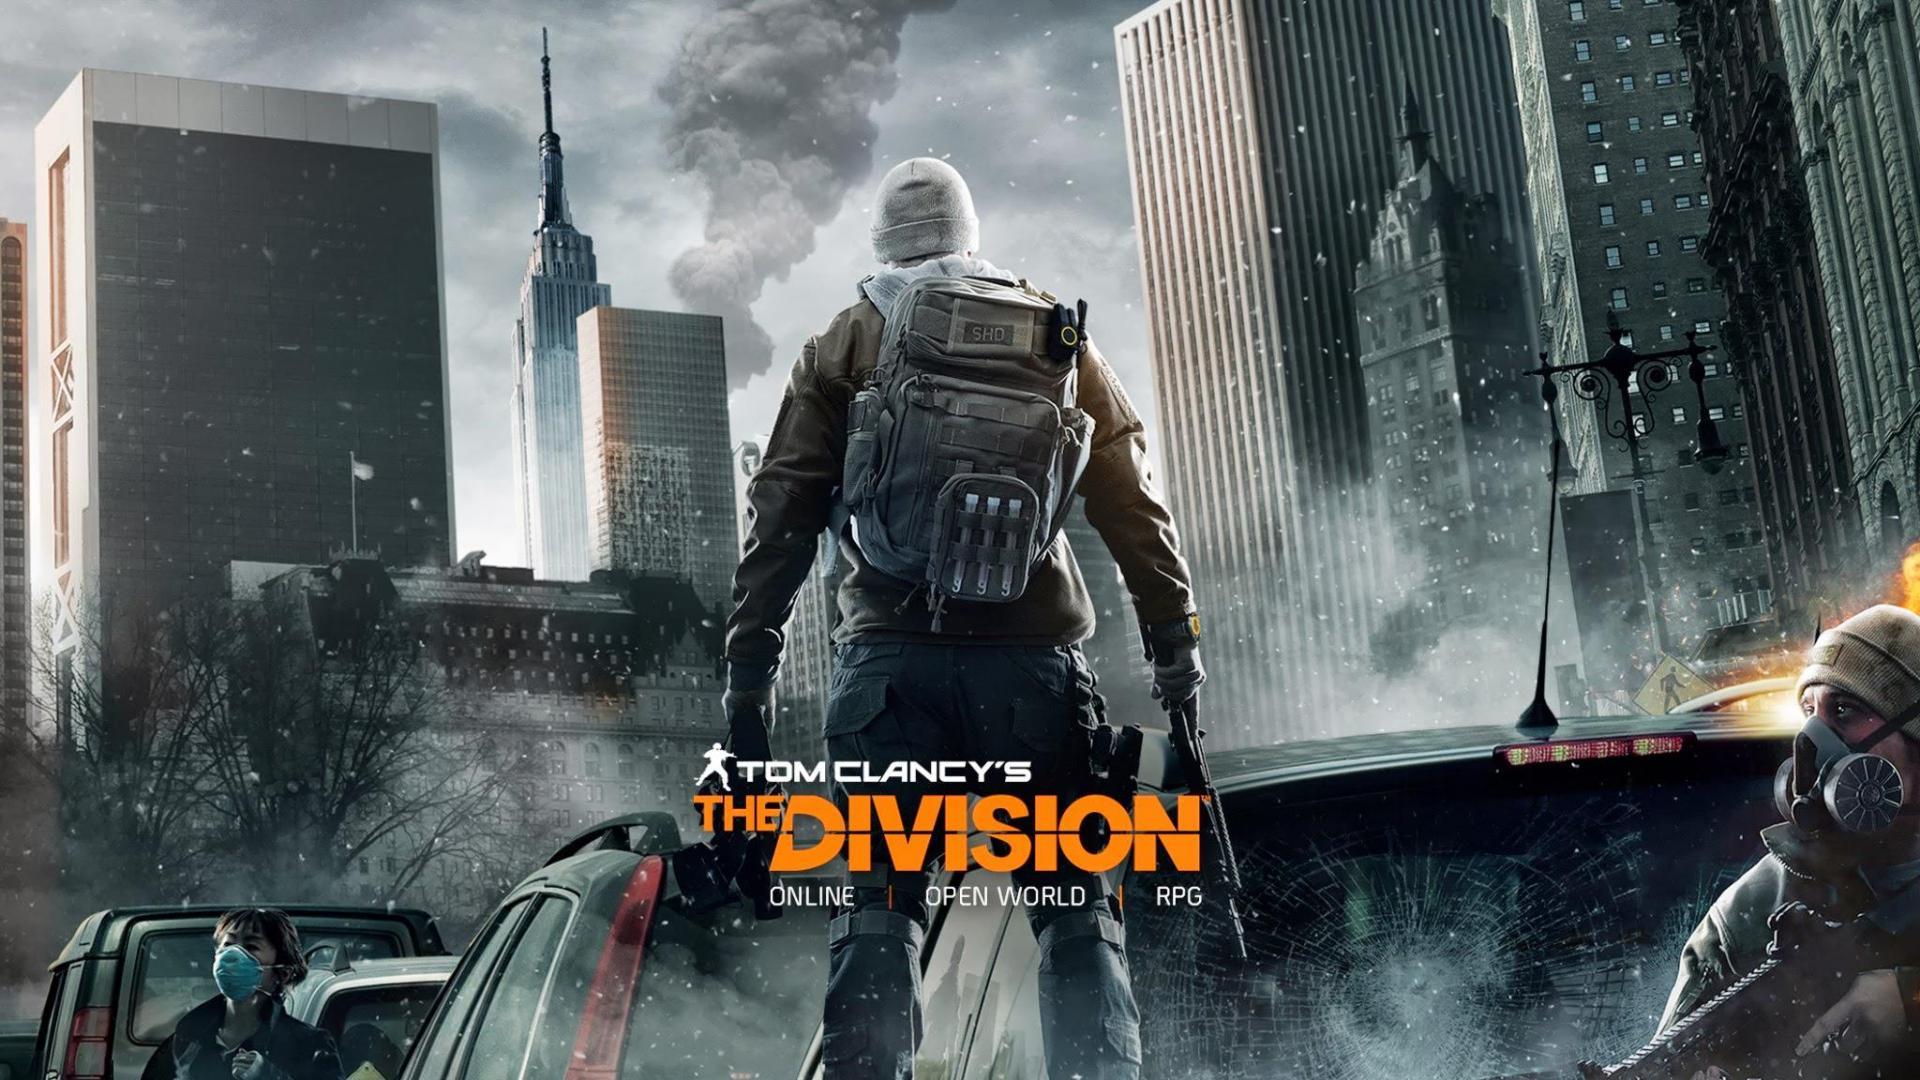 Logros y objetivos de misiones en Tom Clancy's The Division